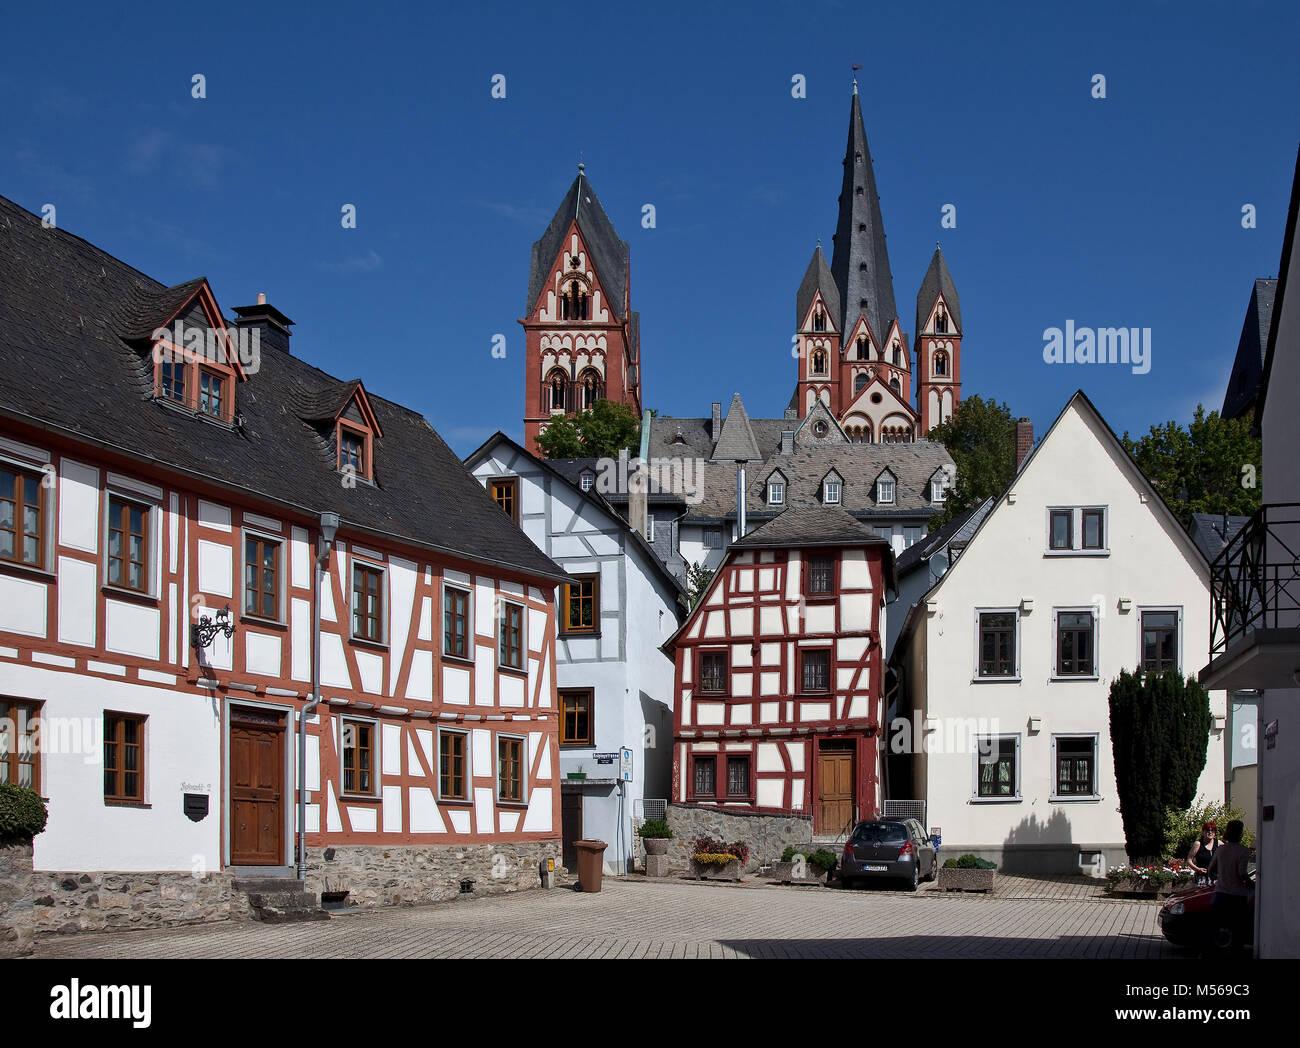 Limburg an der Lahn, Dom, Fernblick auf die Türme von Süden vorn Bergstrasse hinten Giebelhäuser - Stock Image